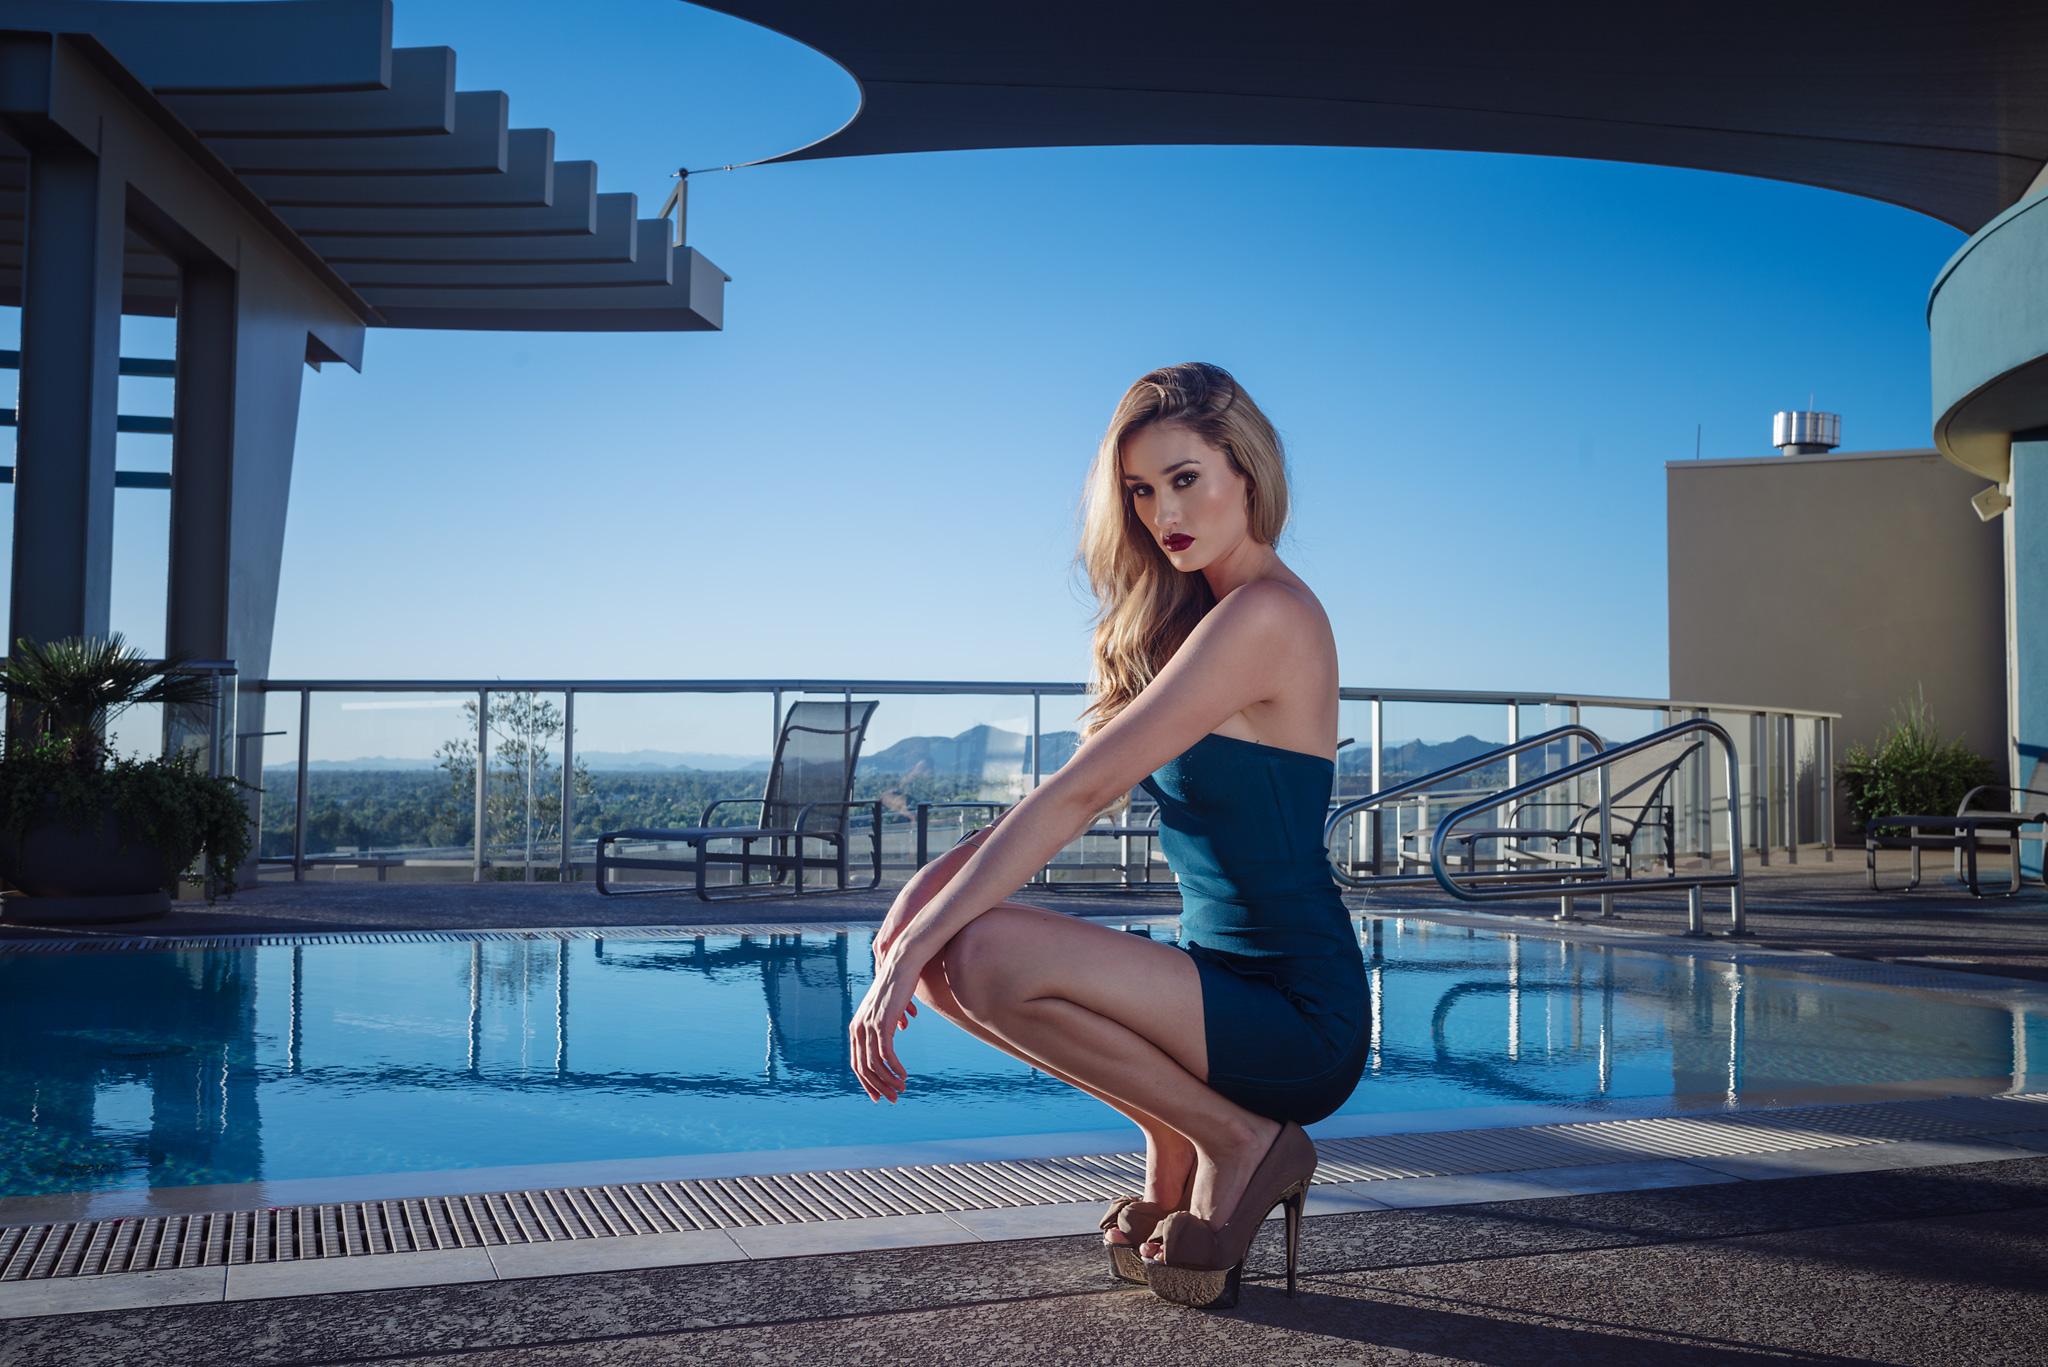 Брюнетка фото моделей в бассейне писсинг плейбой